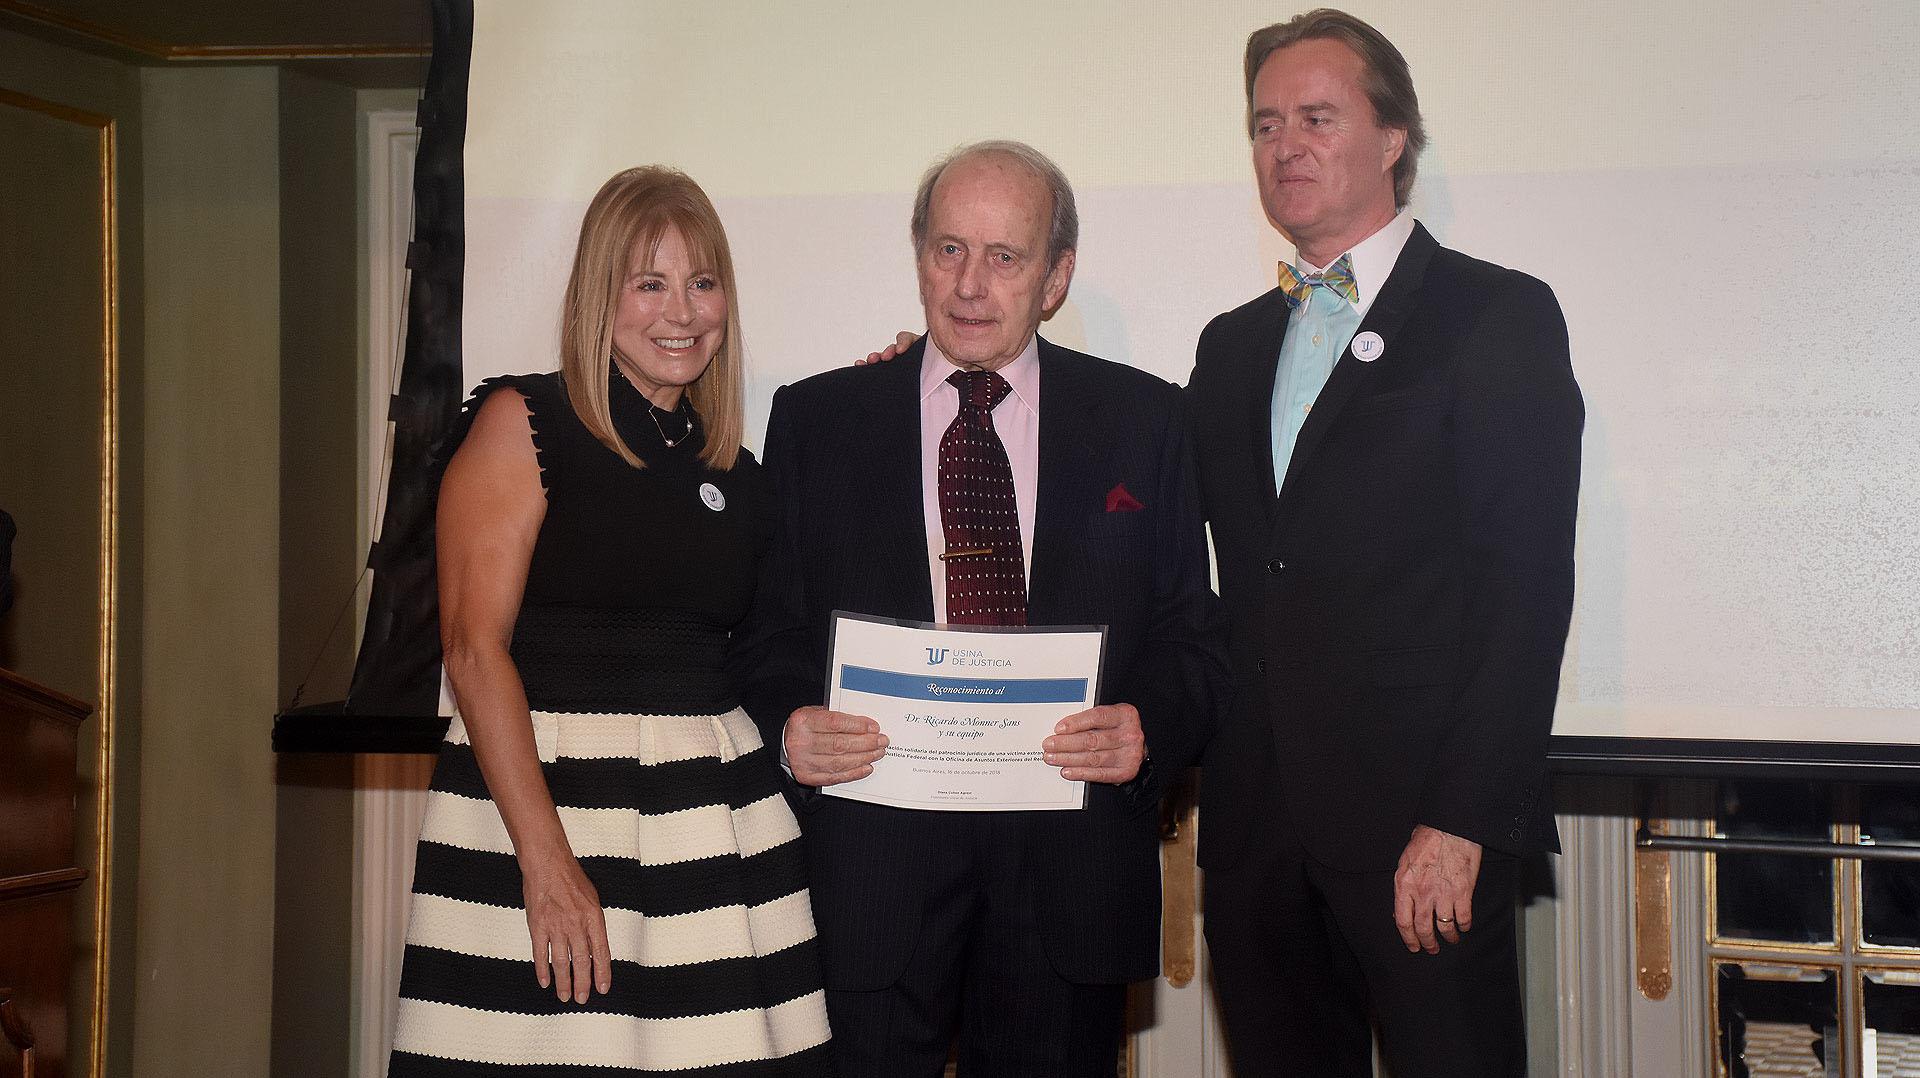 El abogado Ricardo Monner Sanz con su diploma